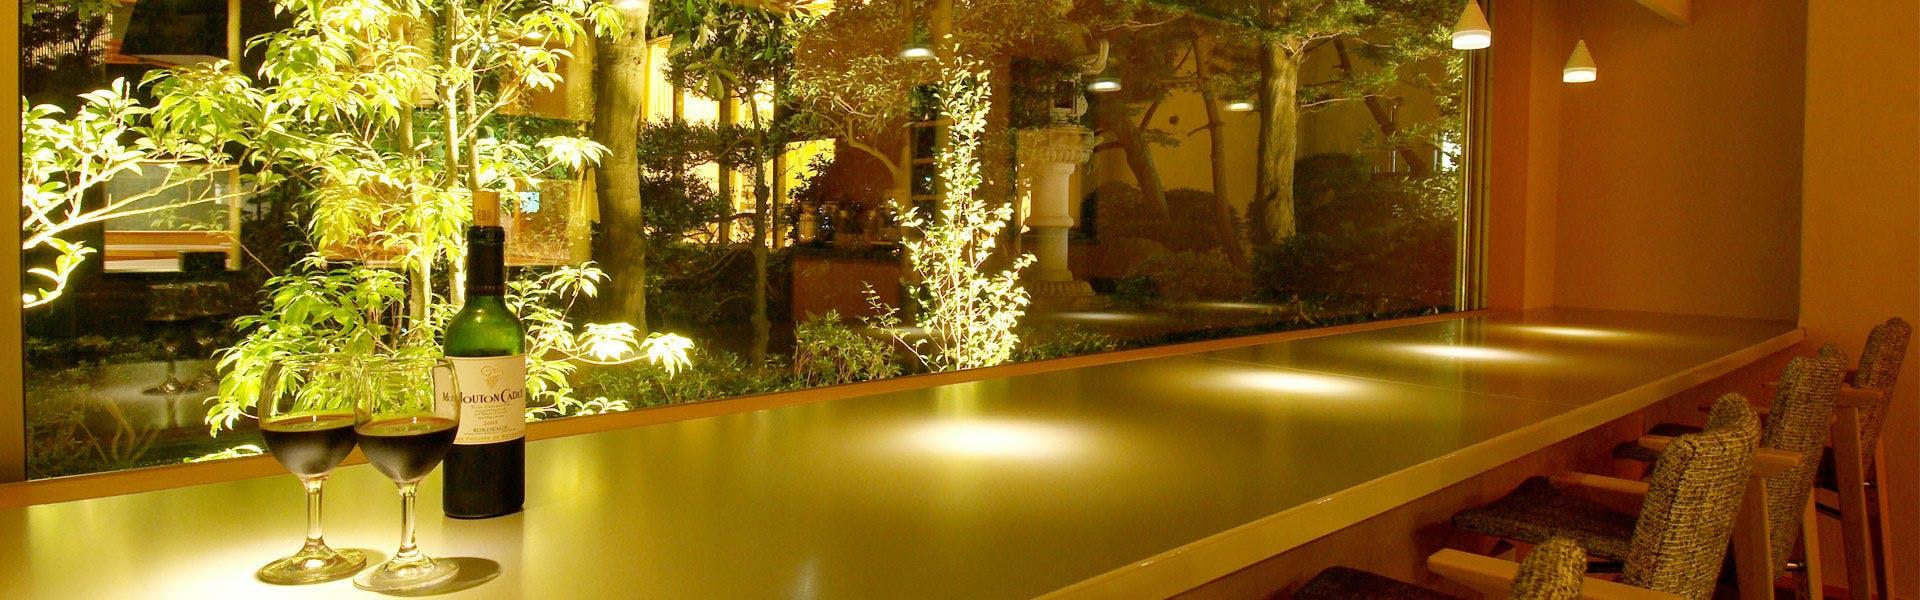 記念日におすすめのホテル・【北陸あわら温泉 美松】 の空室状況を確認するの写真1